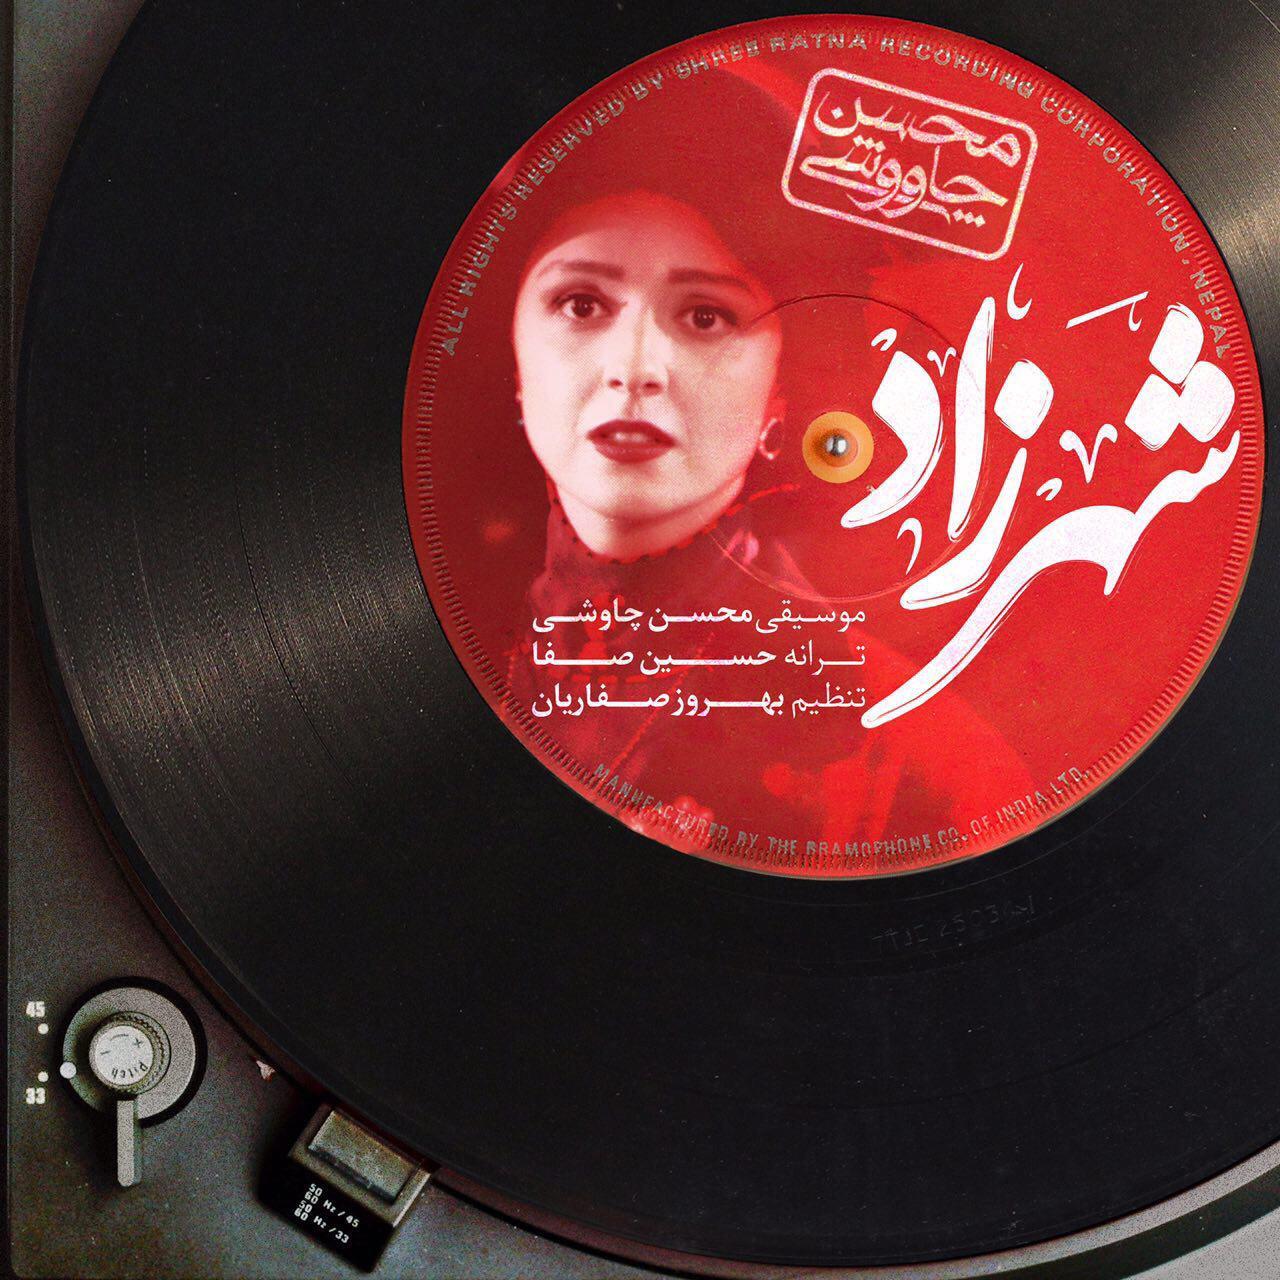 دانلود آهنگ جدید محسن چاوشی شهرزاد